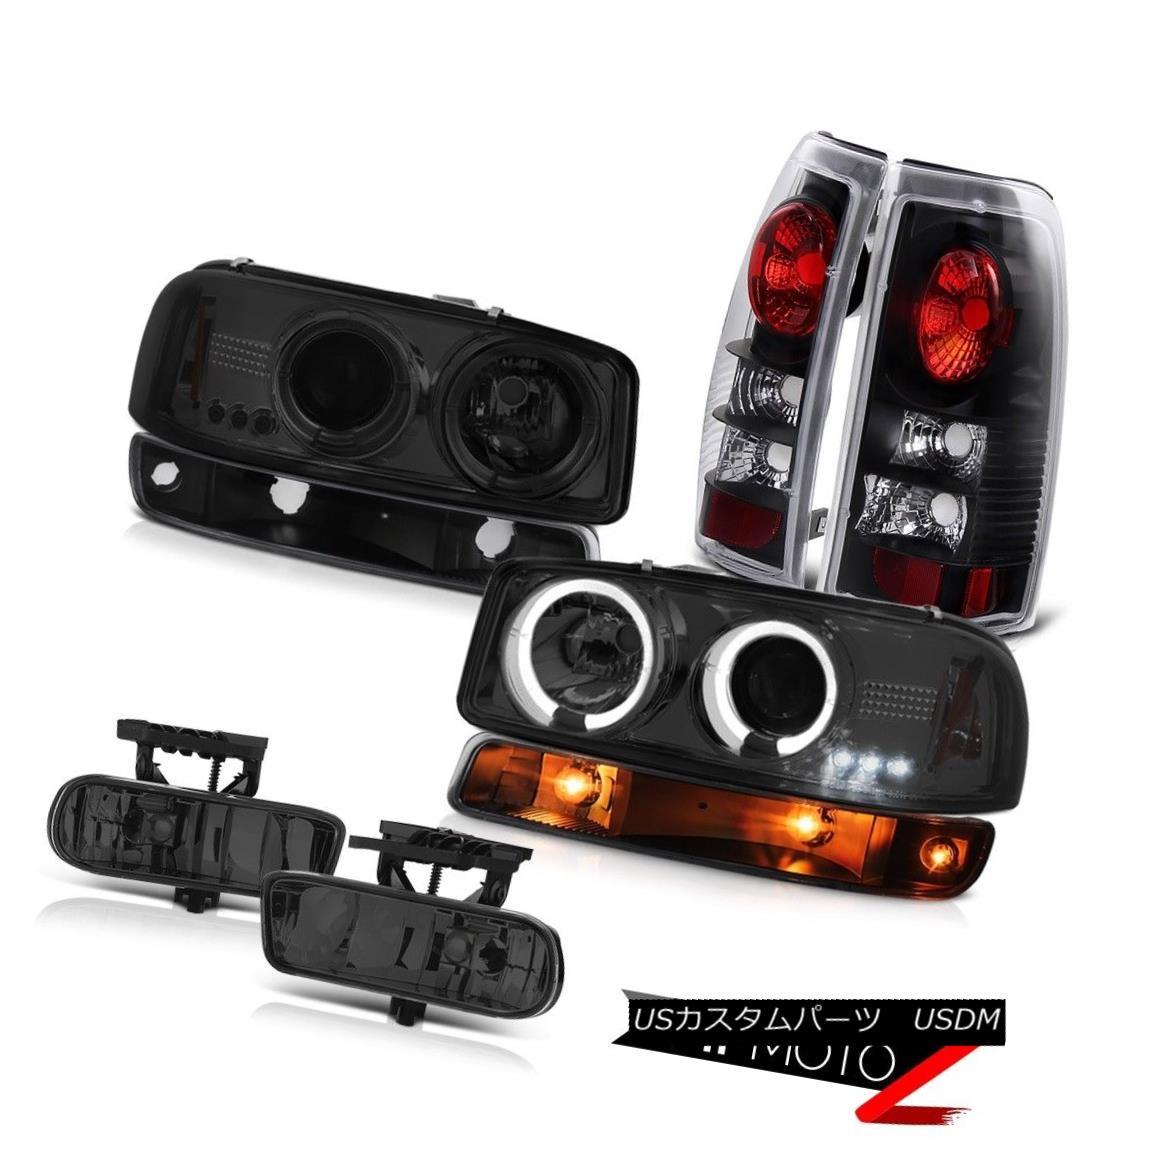 ヘッドライト 99 00 01 02 Sierra SLE Foglights matte black taillamps bumper light headlights 99 00 01 02 Sierra SLE Foglightsマットブラックテールライトバンパーライトヘッドライト